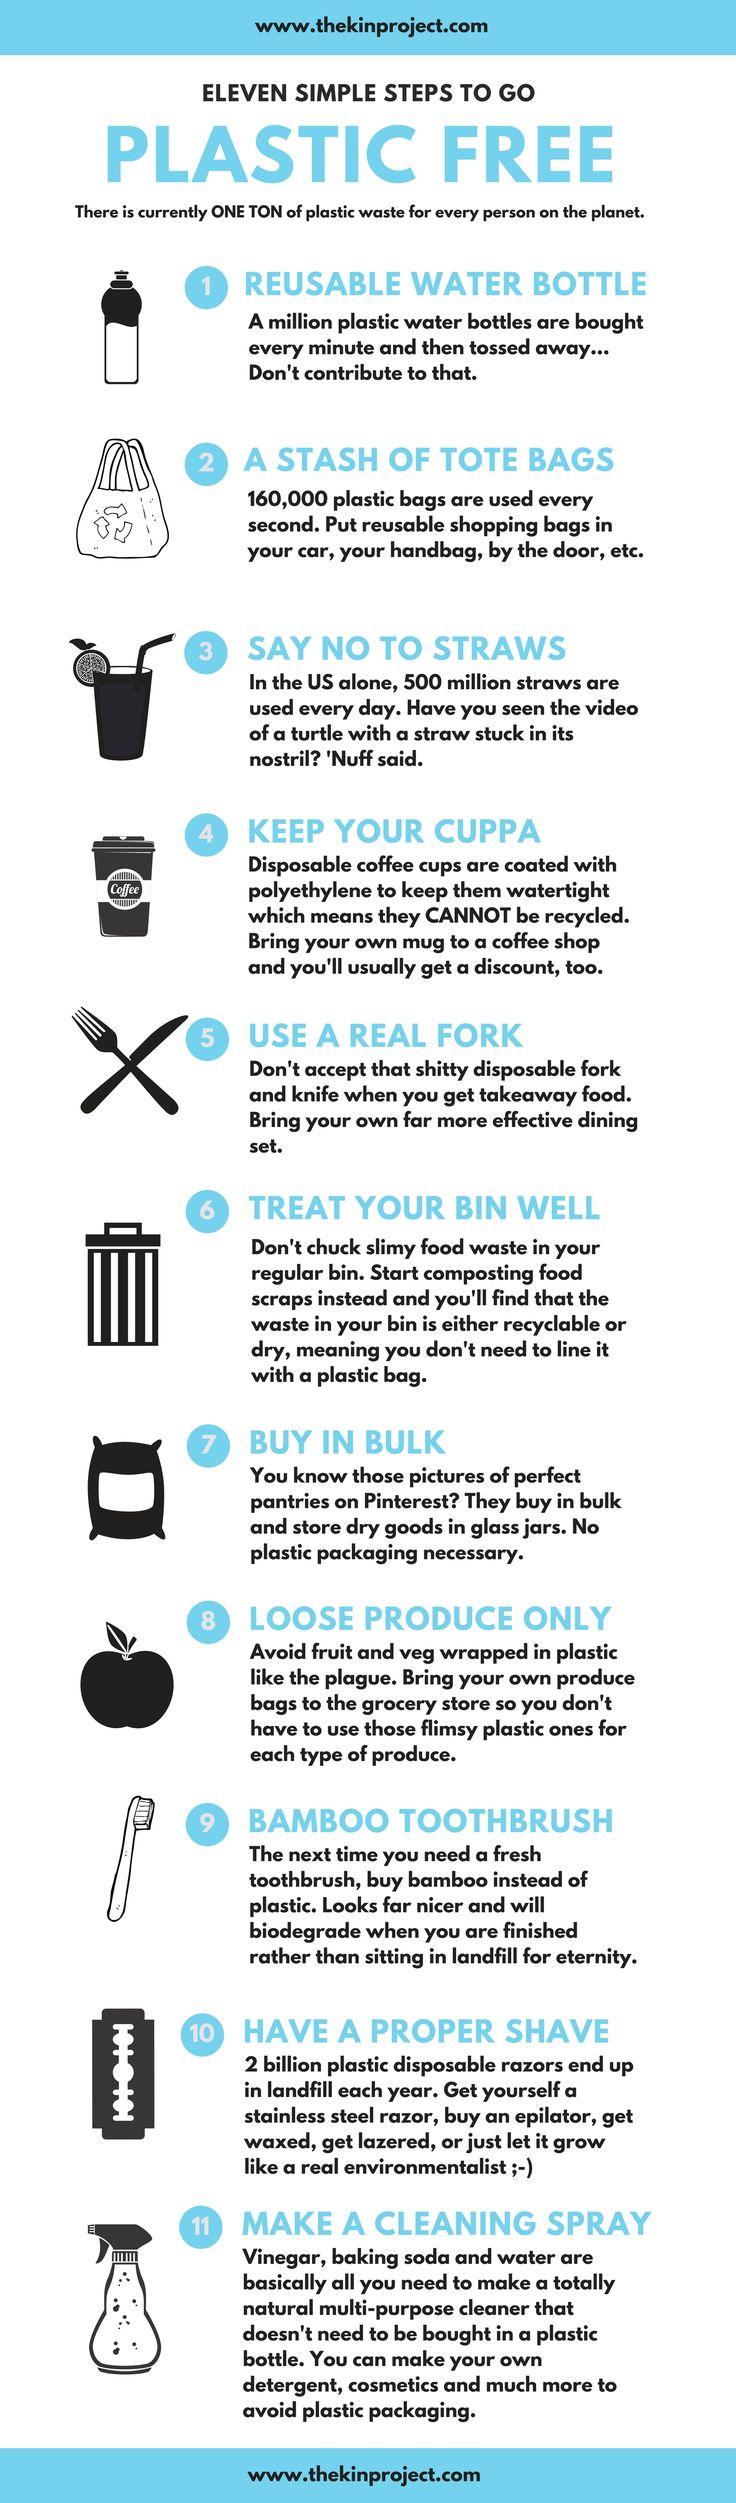 quelques astuces simples à appliquer au quotidien pour abandonner l'usage du plastique et adopter un mode de vie plus écologique